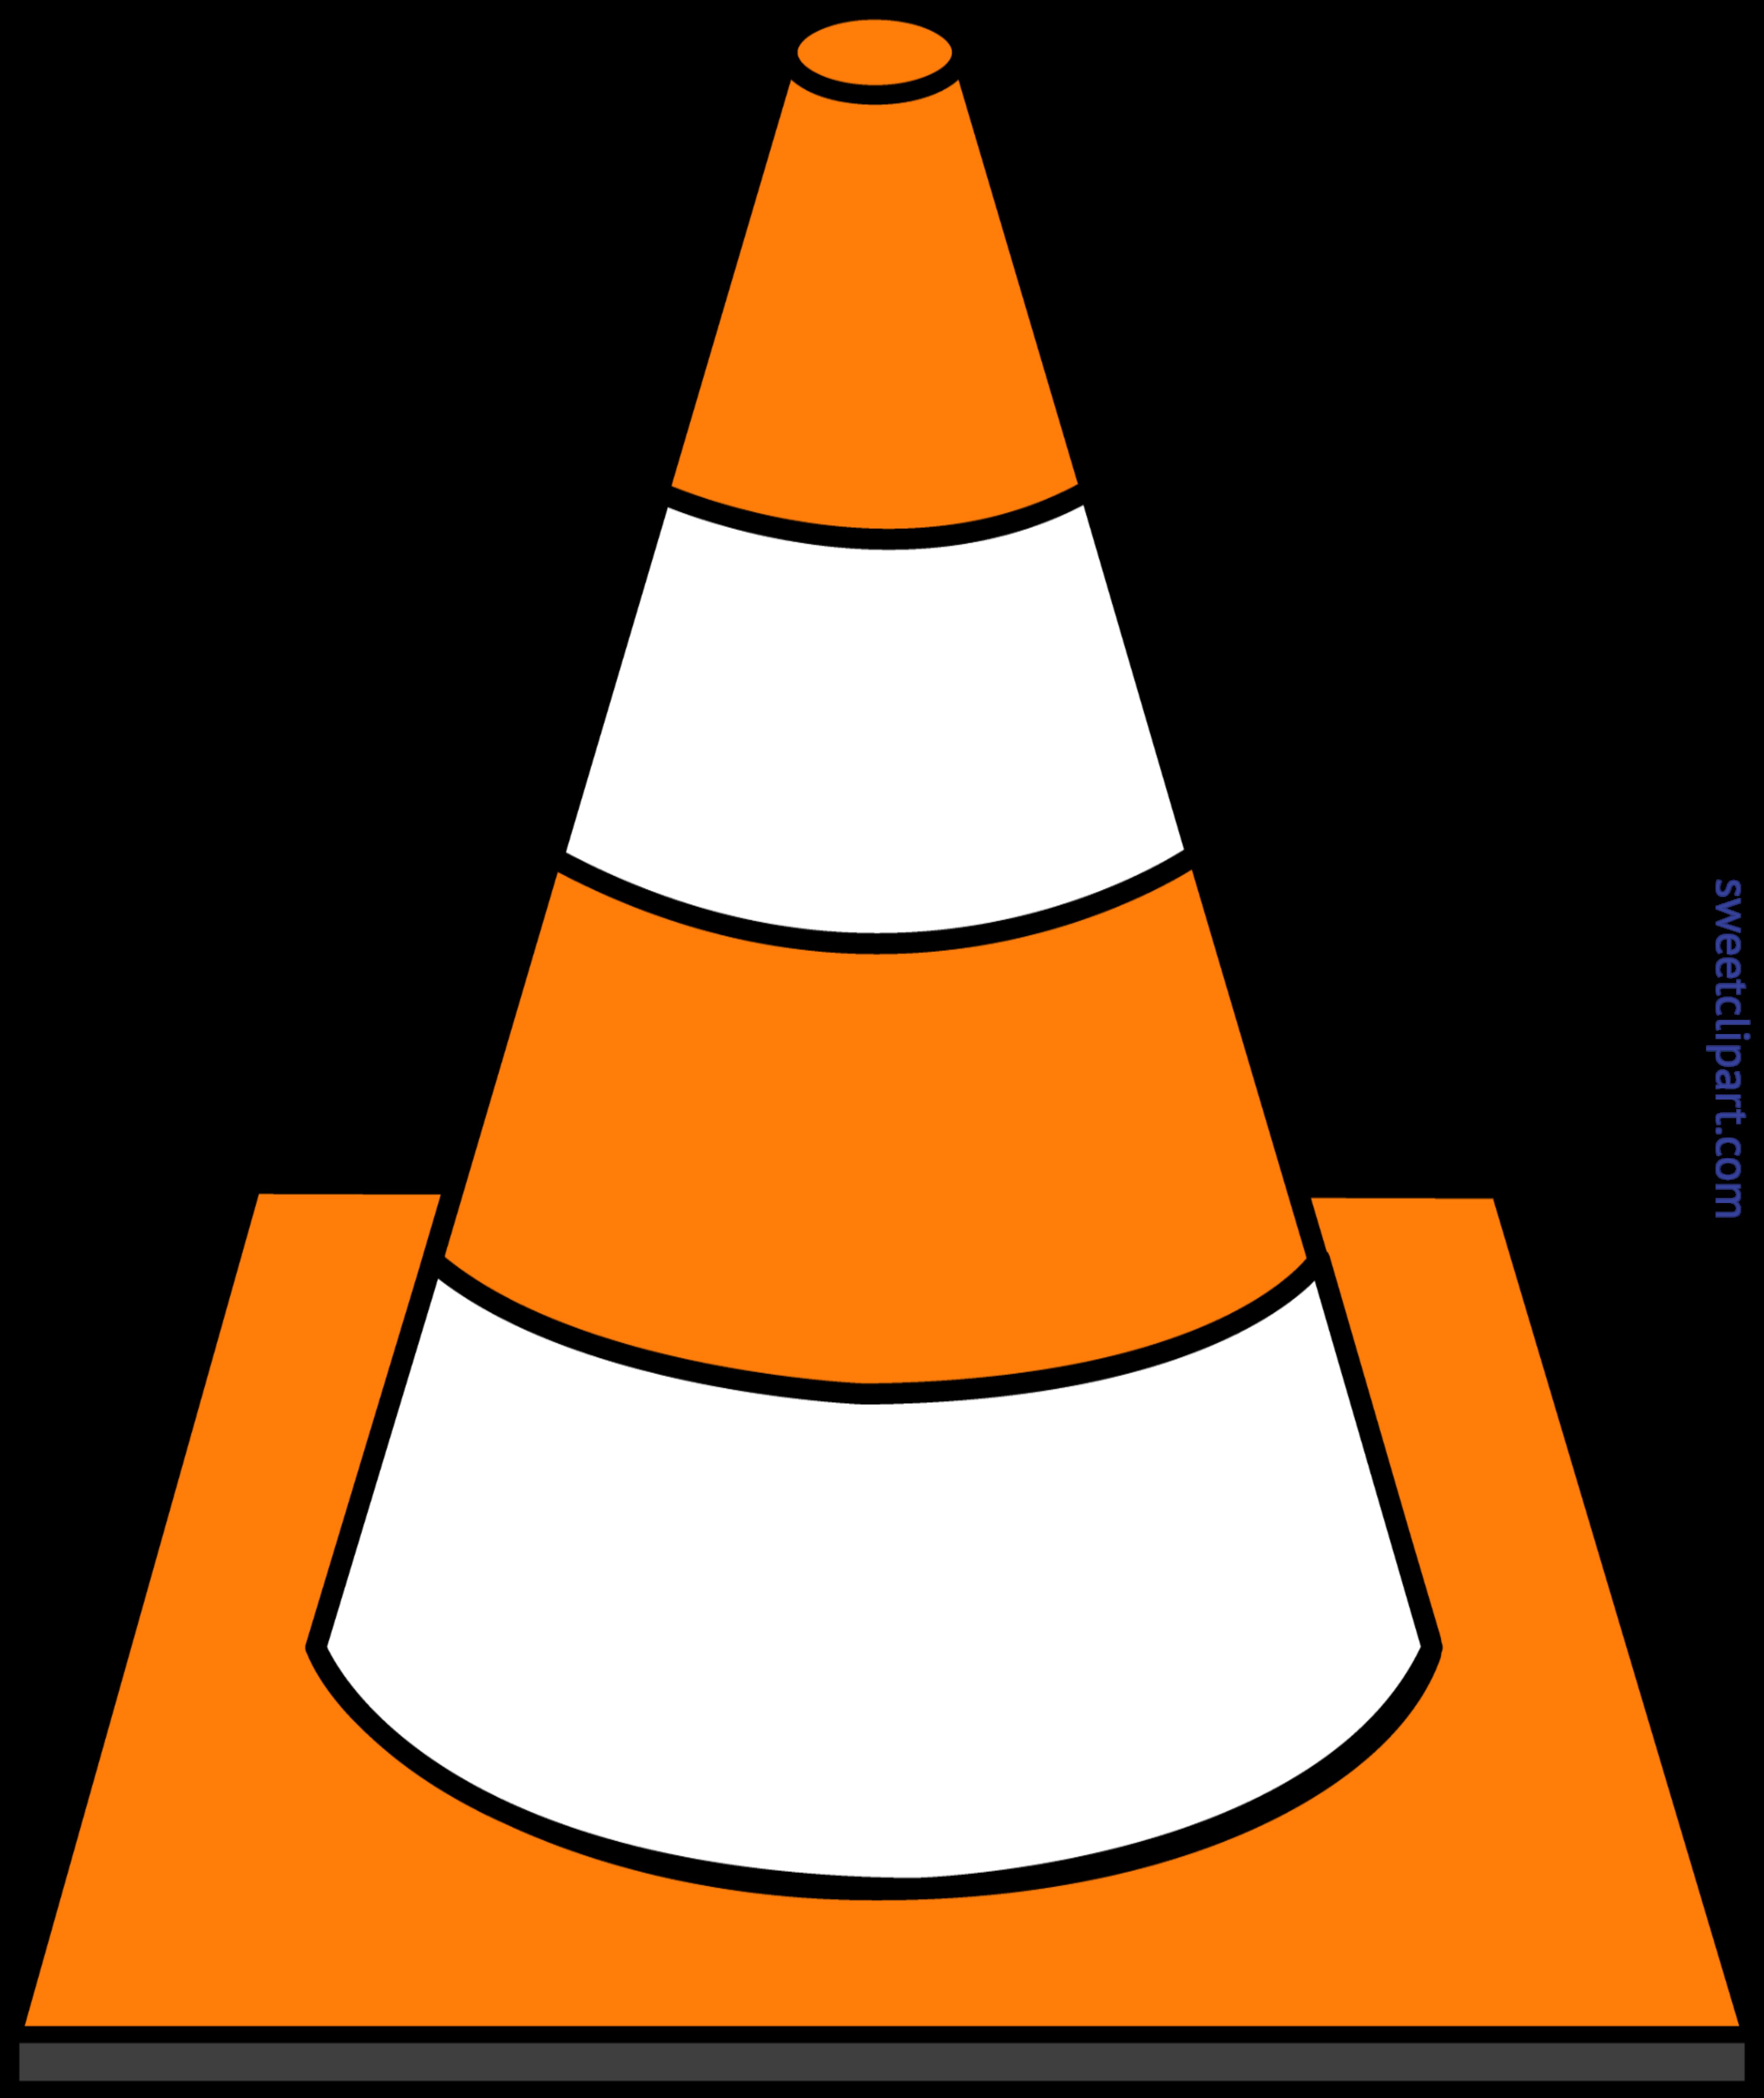 black and white Cone clipart. Construction striped clip art.